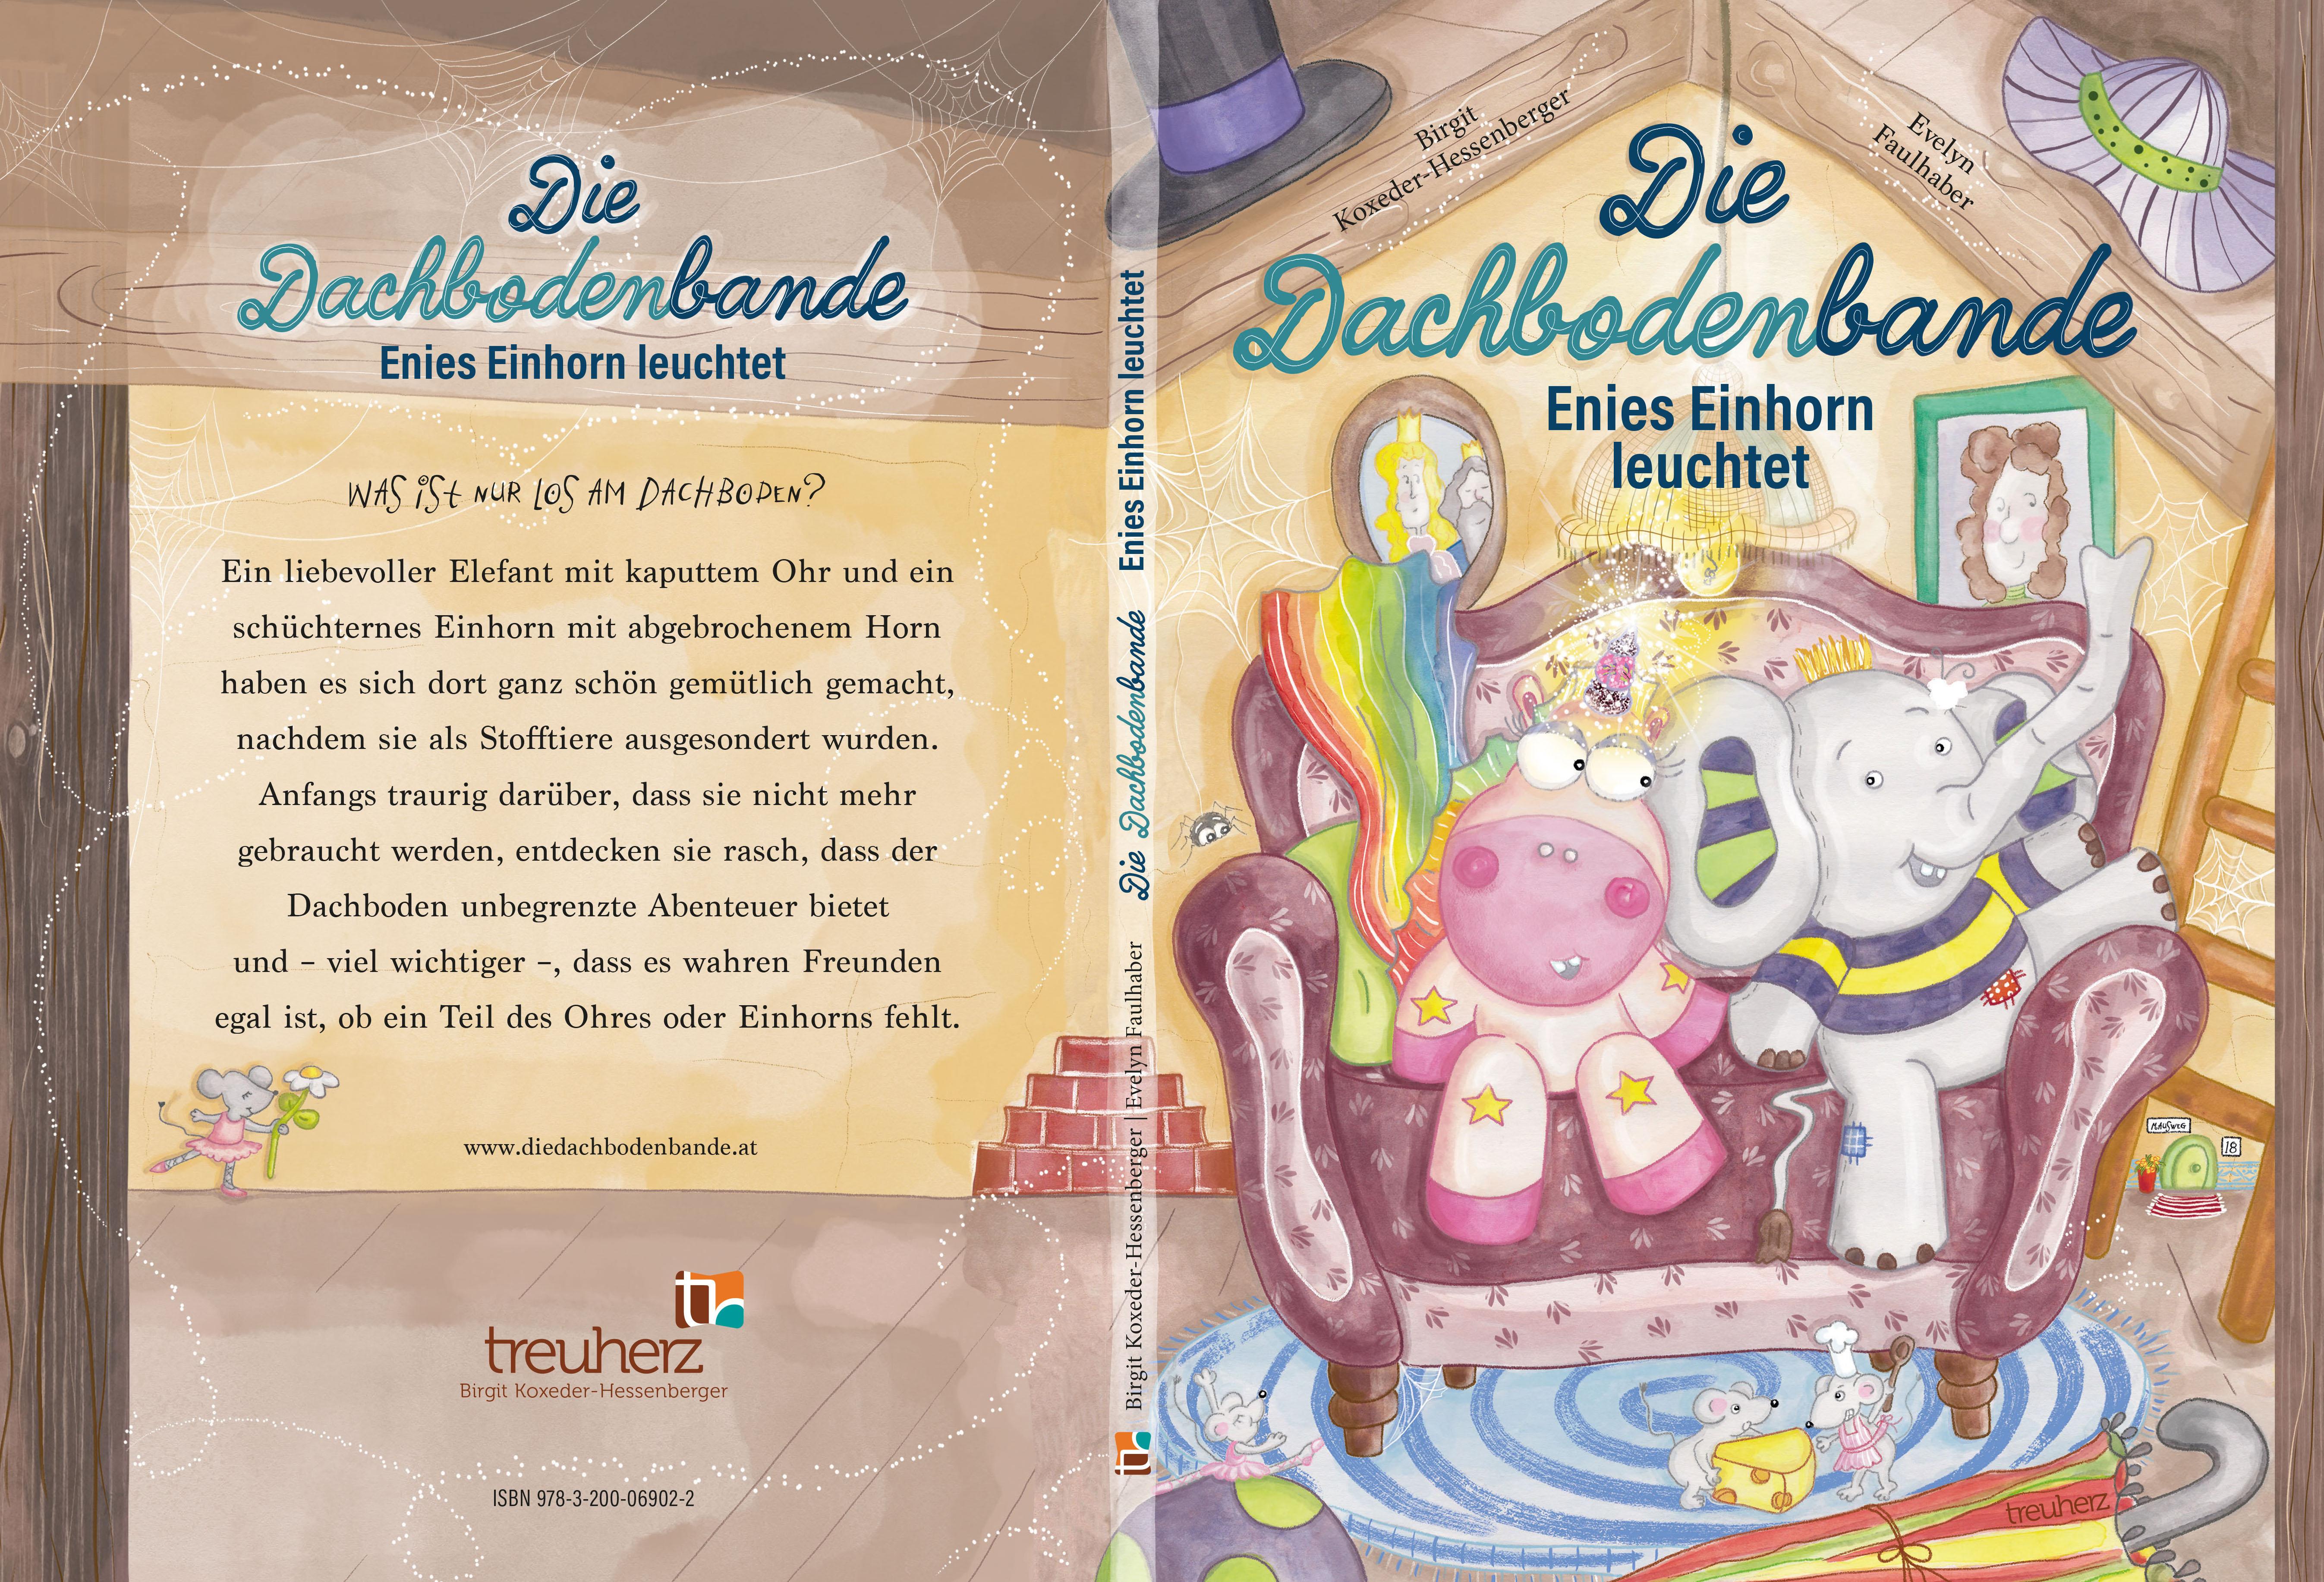 die dachbodenbande, kinderbuch, birgit-koxeder-hessenberger, bilderbuch, einharn, elefant